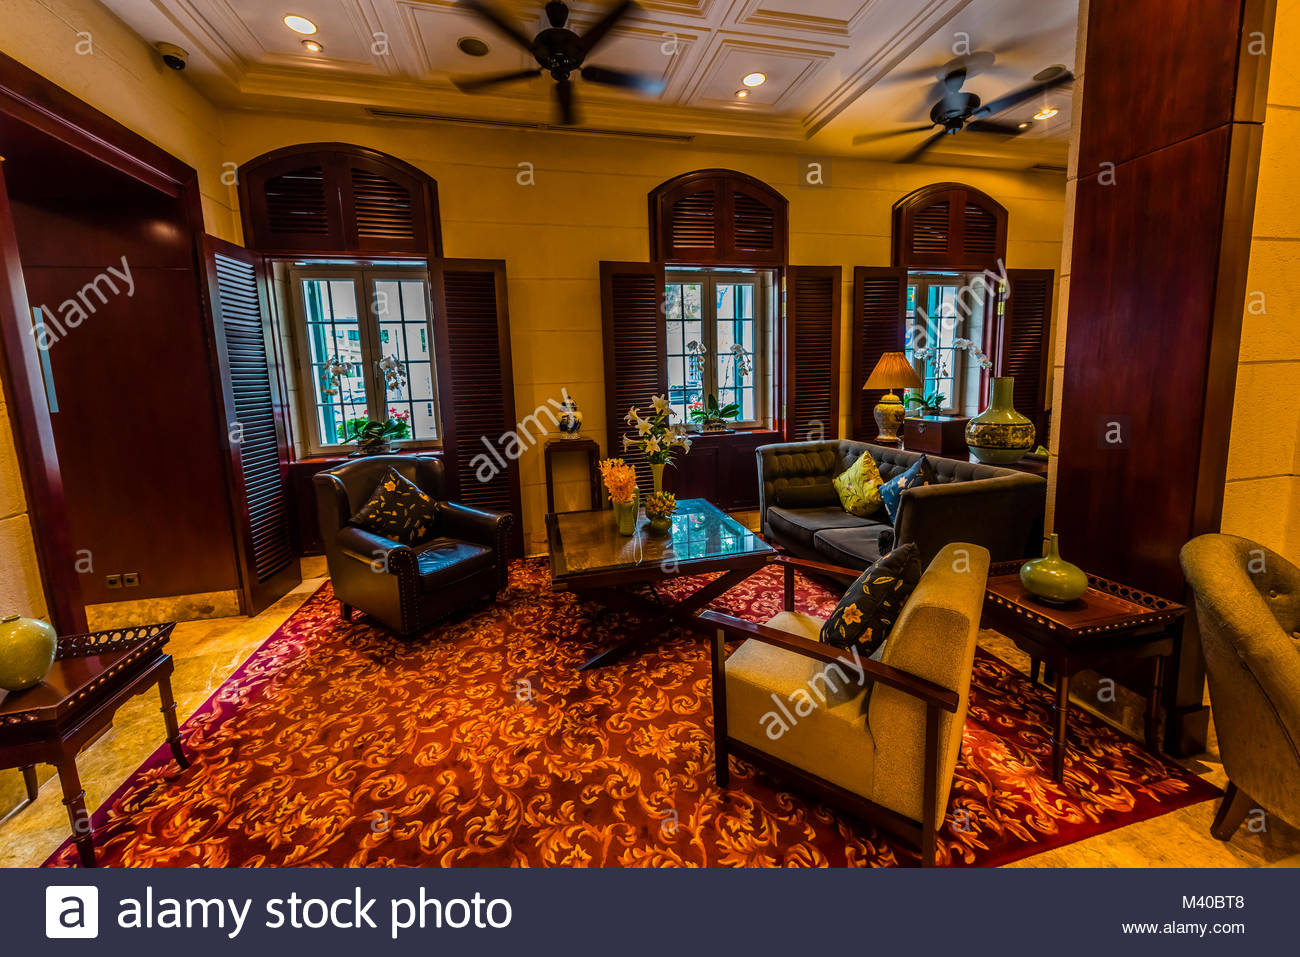 In der Lobby des Sofitel Legend Metropole Hanoi ist ein 5-Sterne-Hotel historische Luxushotel, das 1901 im französischen Stockbild